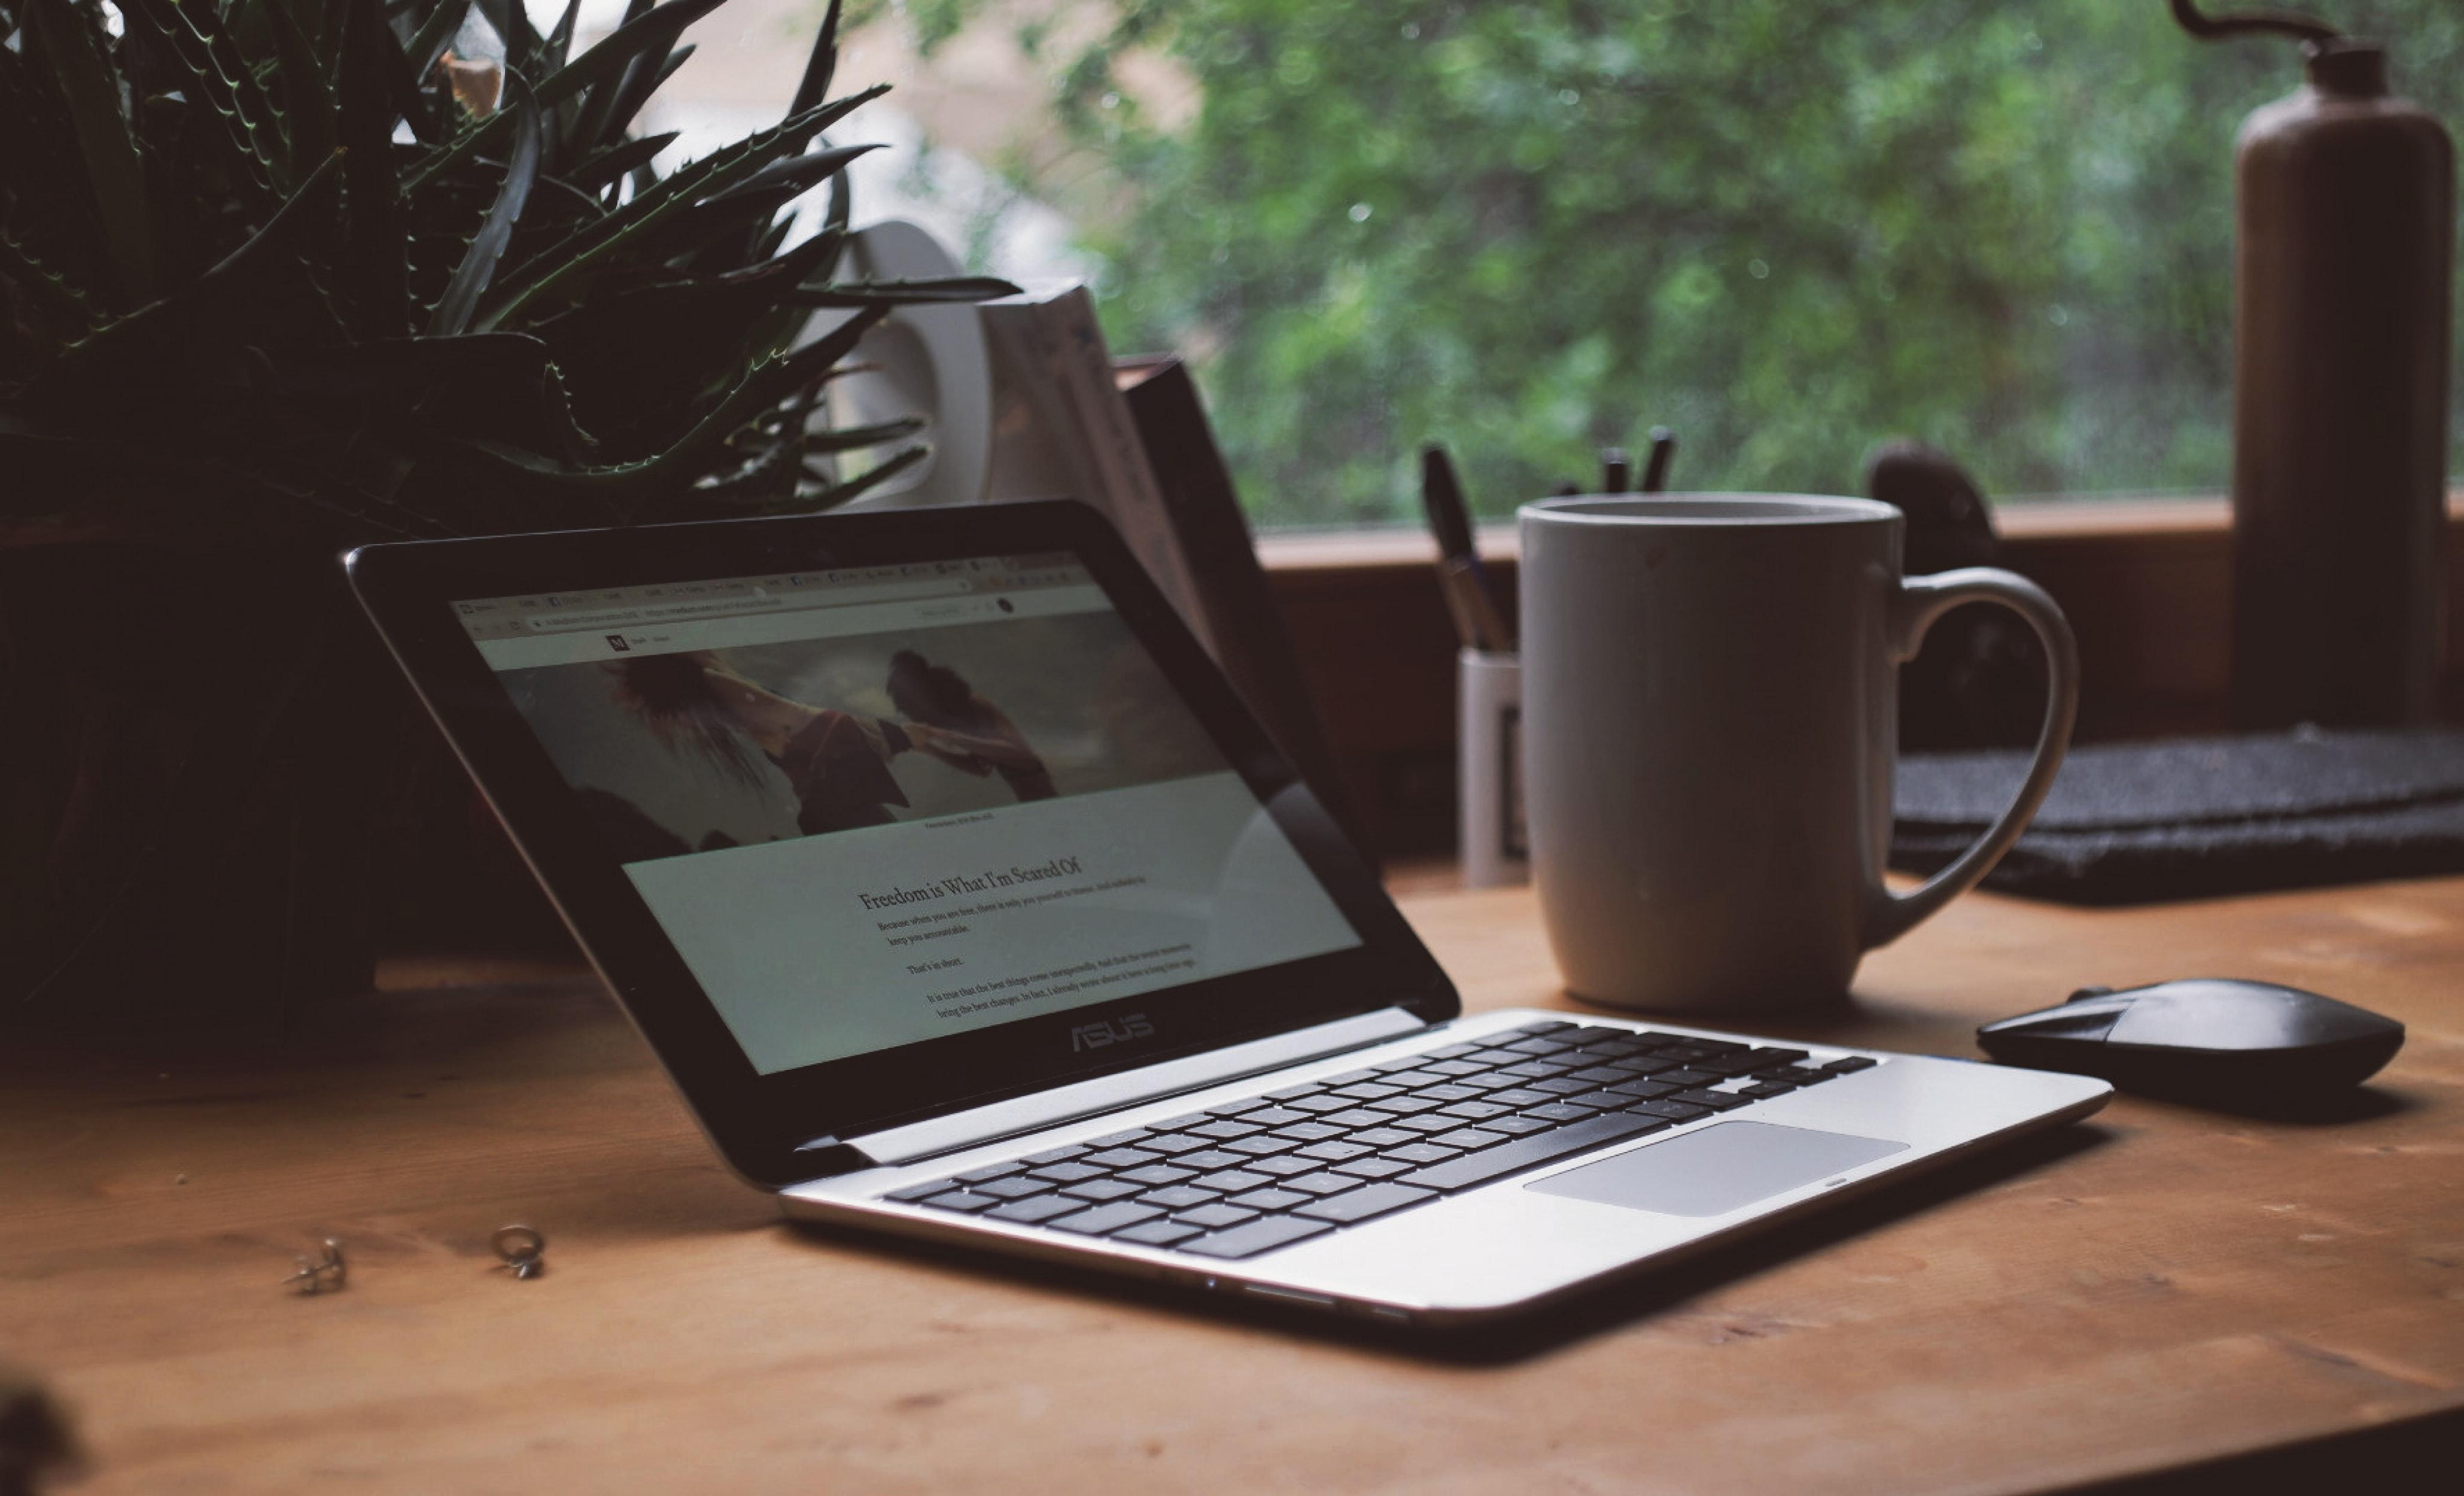 8 recomendaciones SEO al escribir contenido web